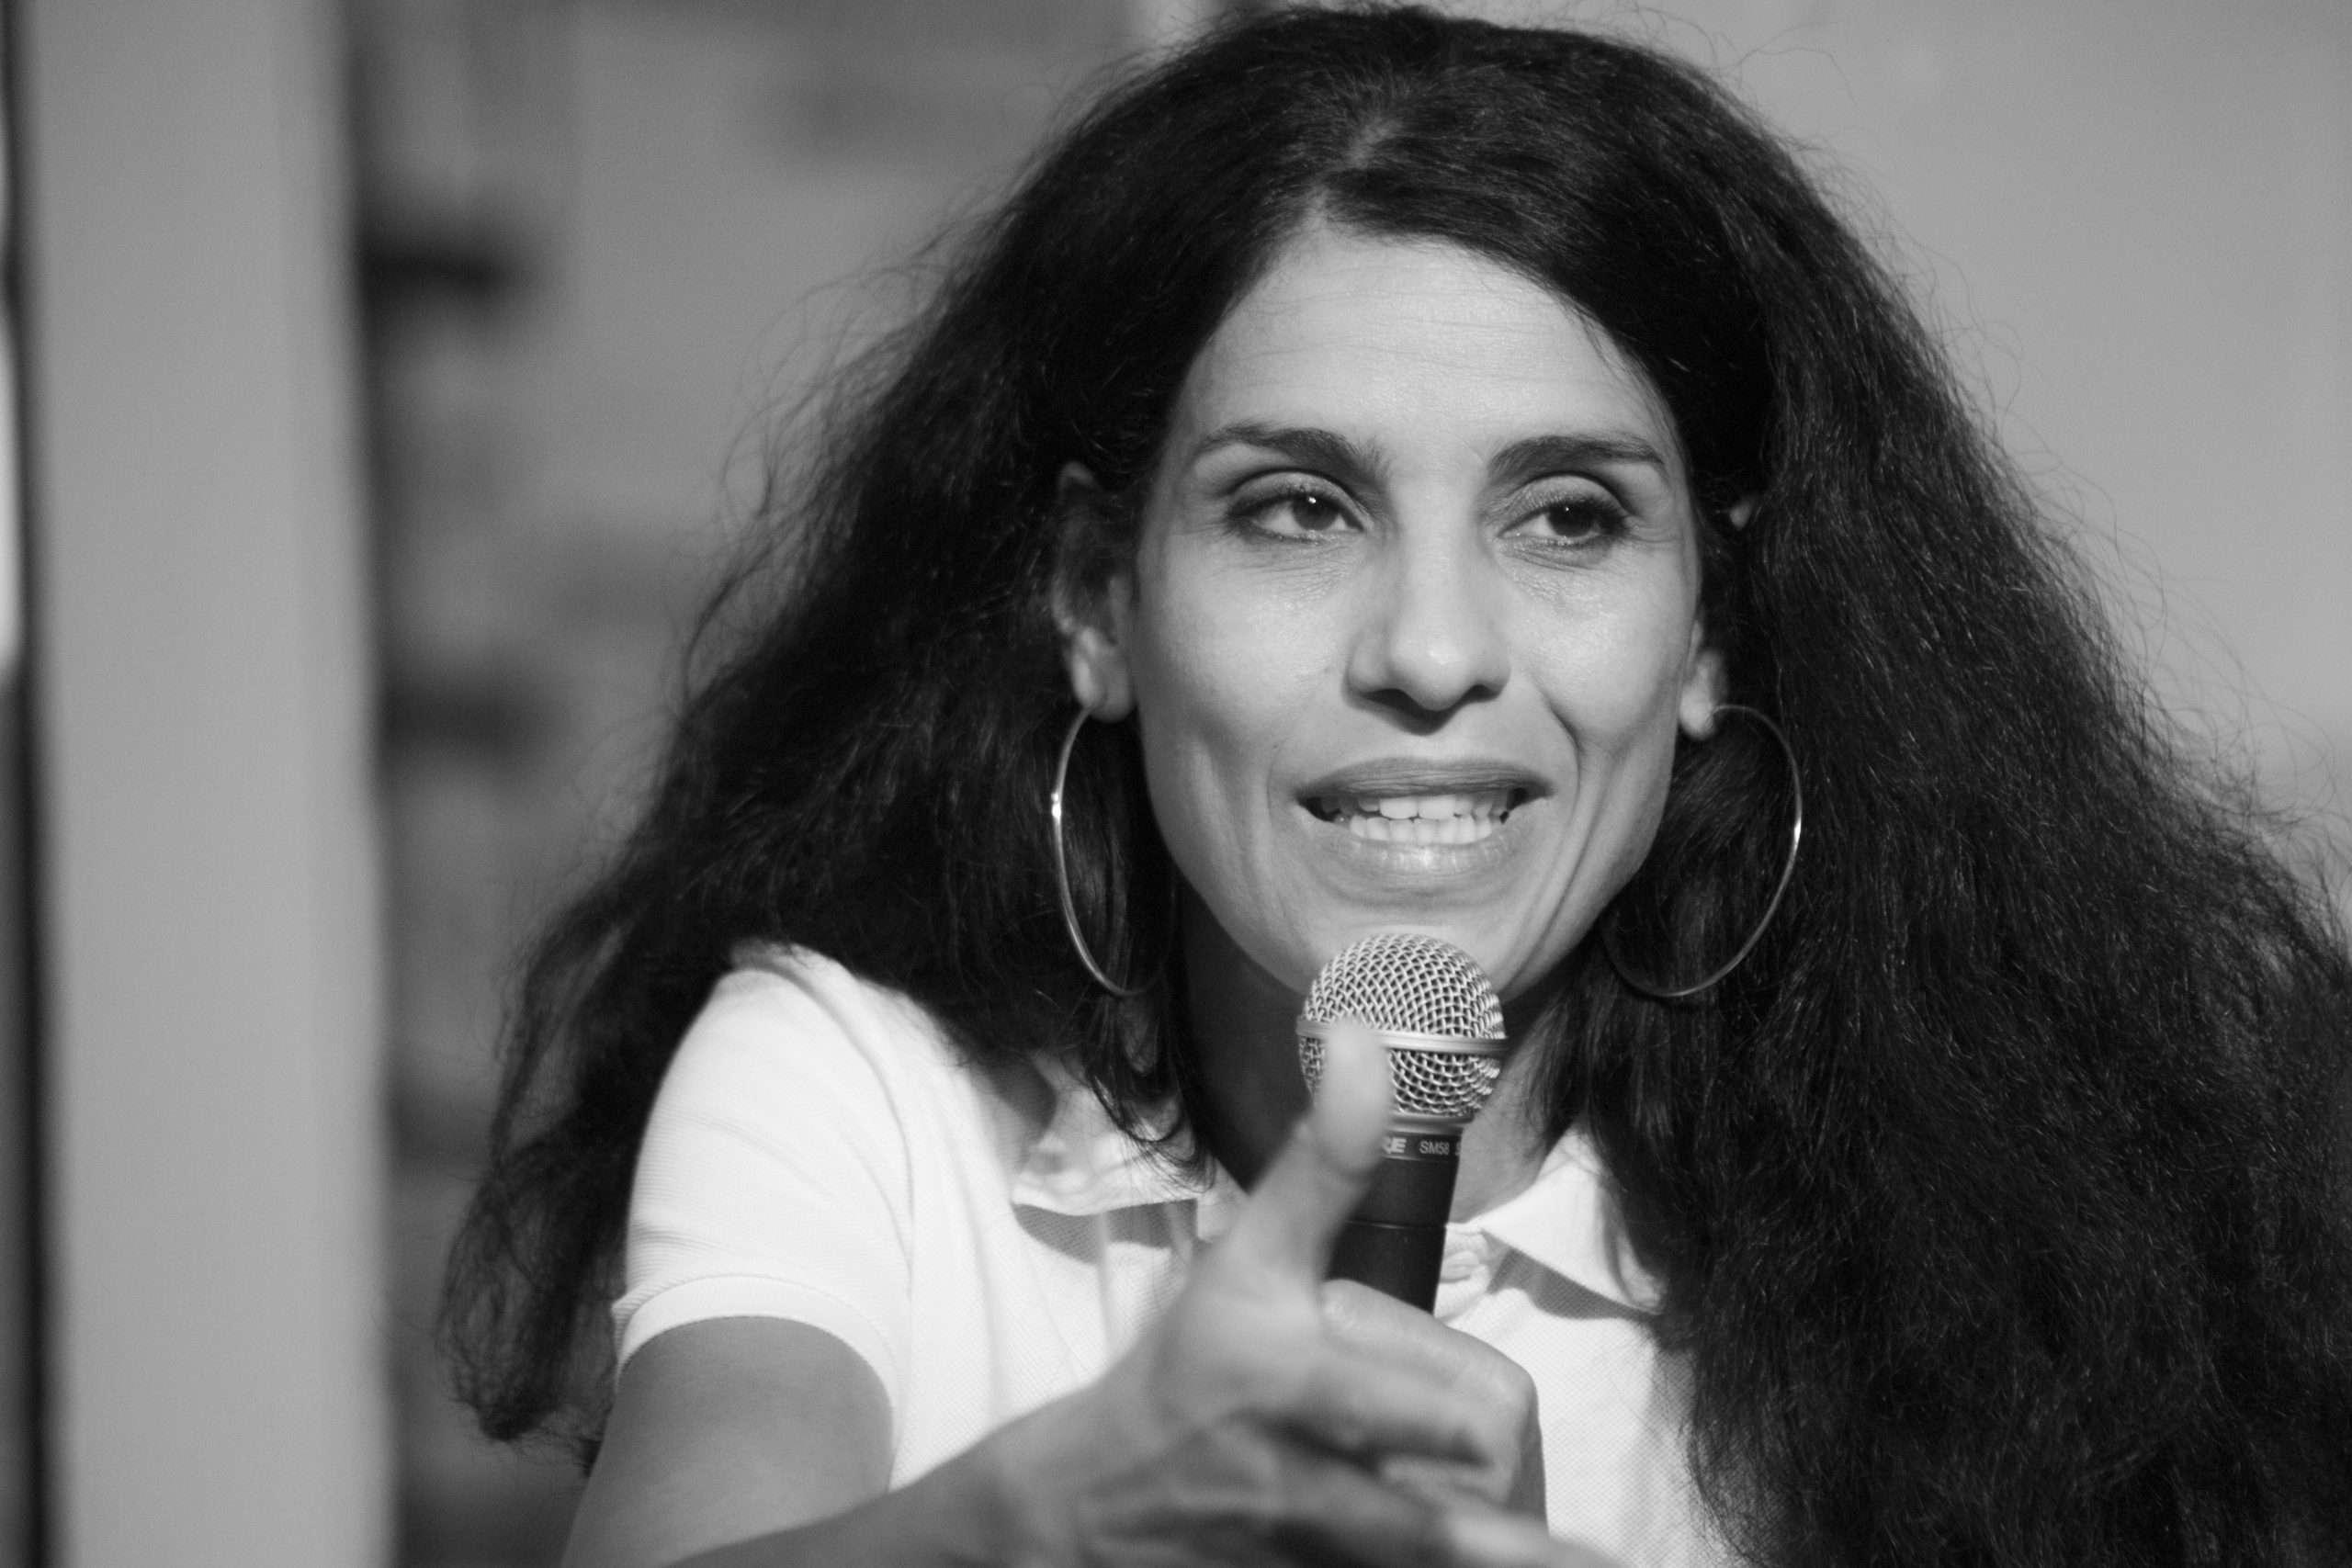 Fatima Ouassak Conférence La Base Alternatiba Collectif Adama Paris 2020 @Martin Lelievre pour Radio Parleur_17